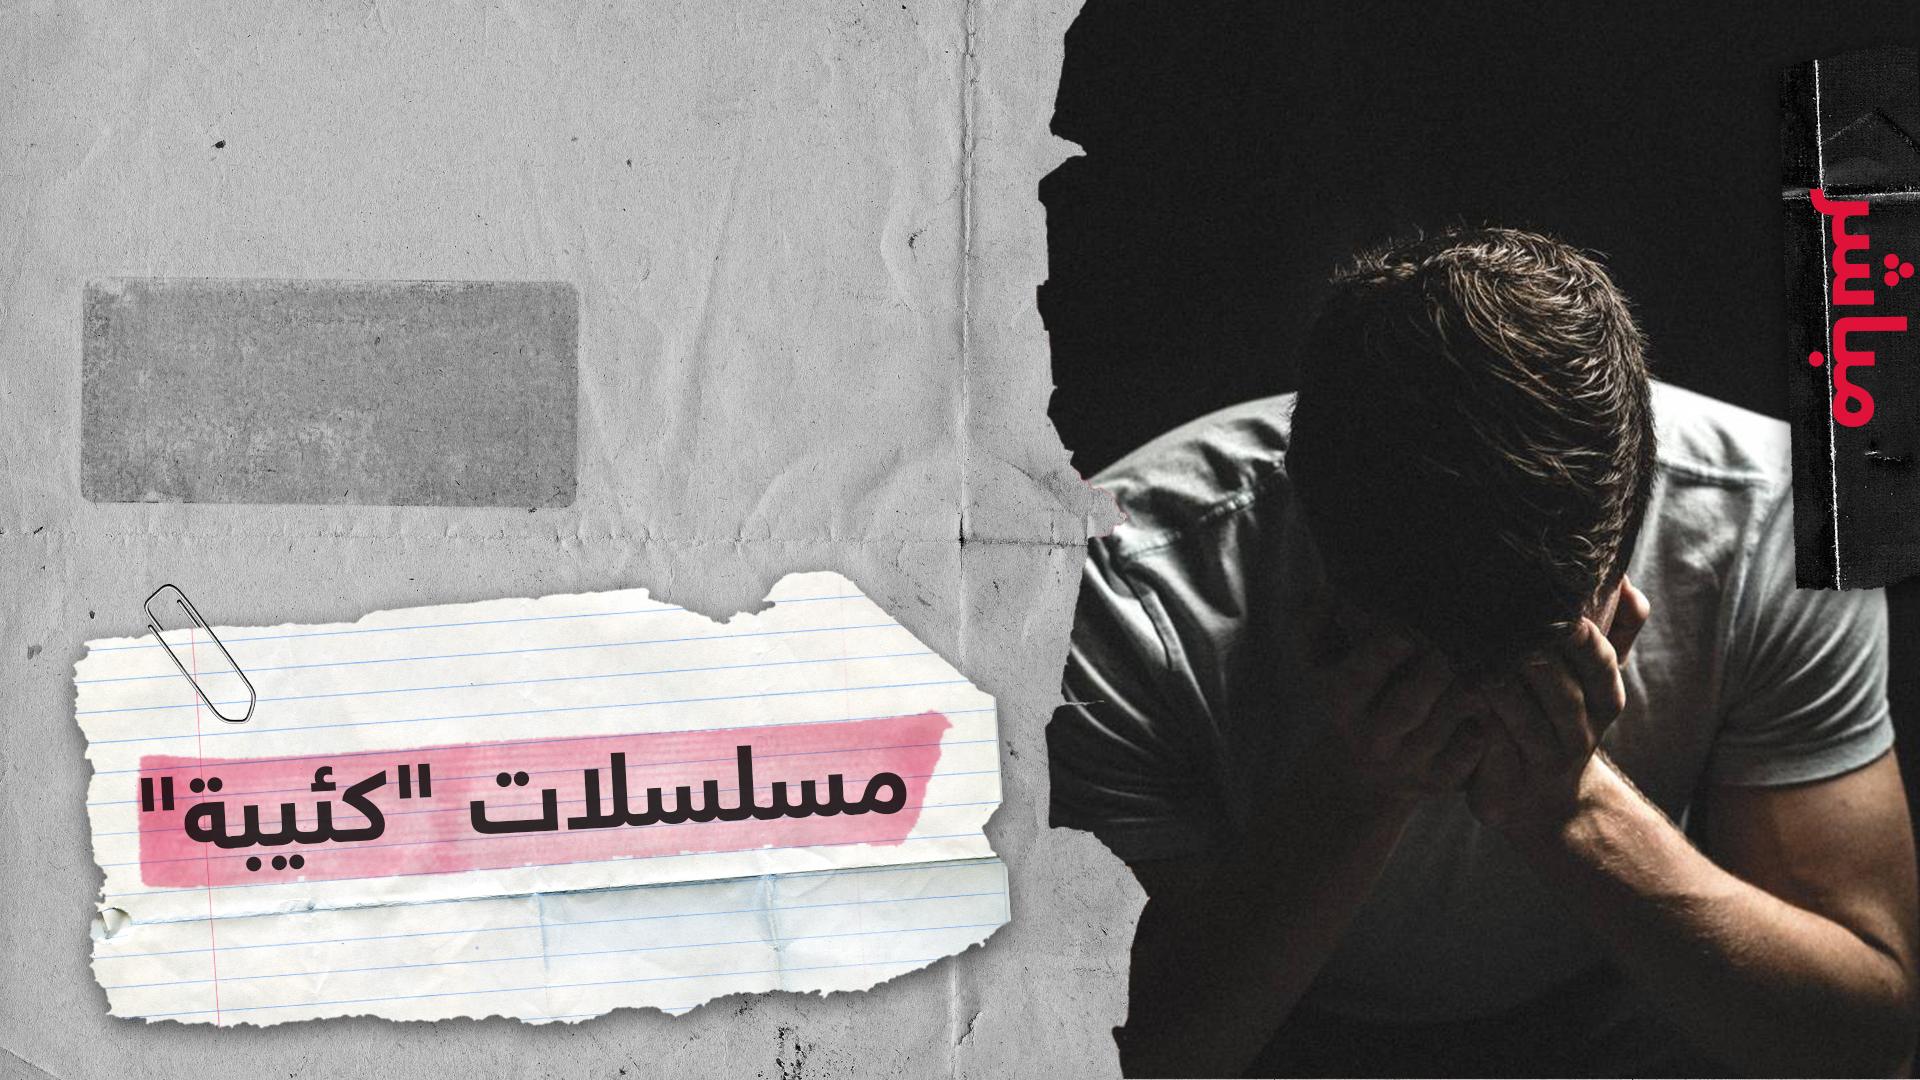 مسلسلات رمضان تحقق شعبية واسعة بين المتابعين وسط إطراءات وانتقادات